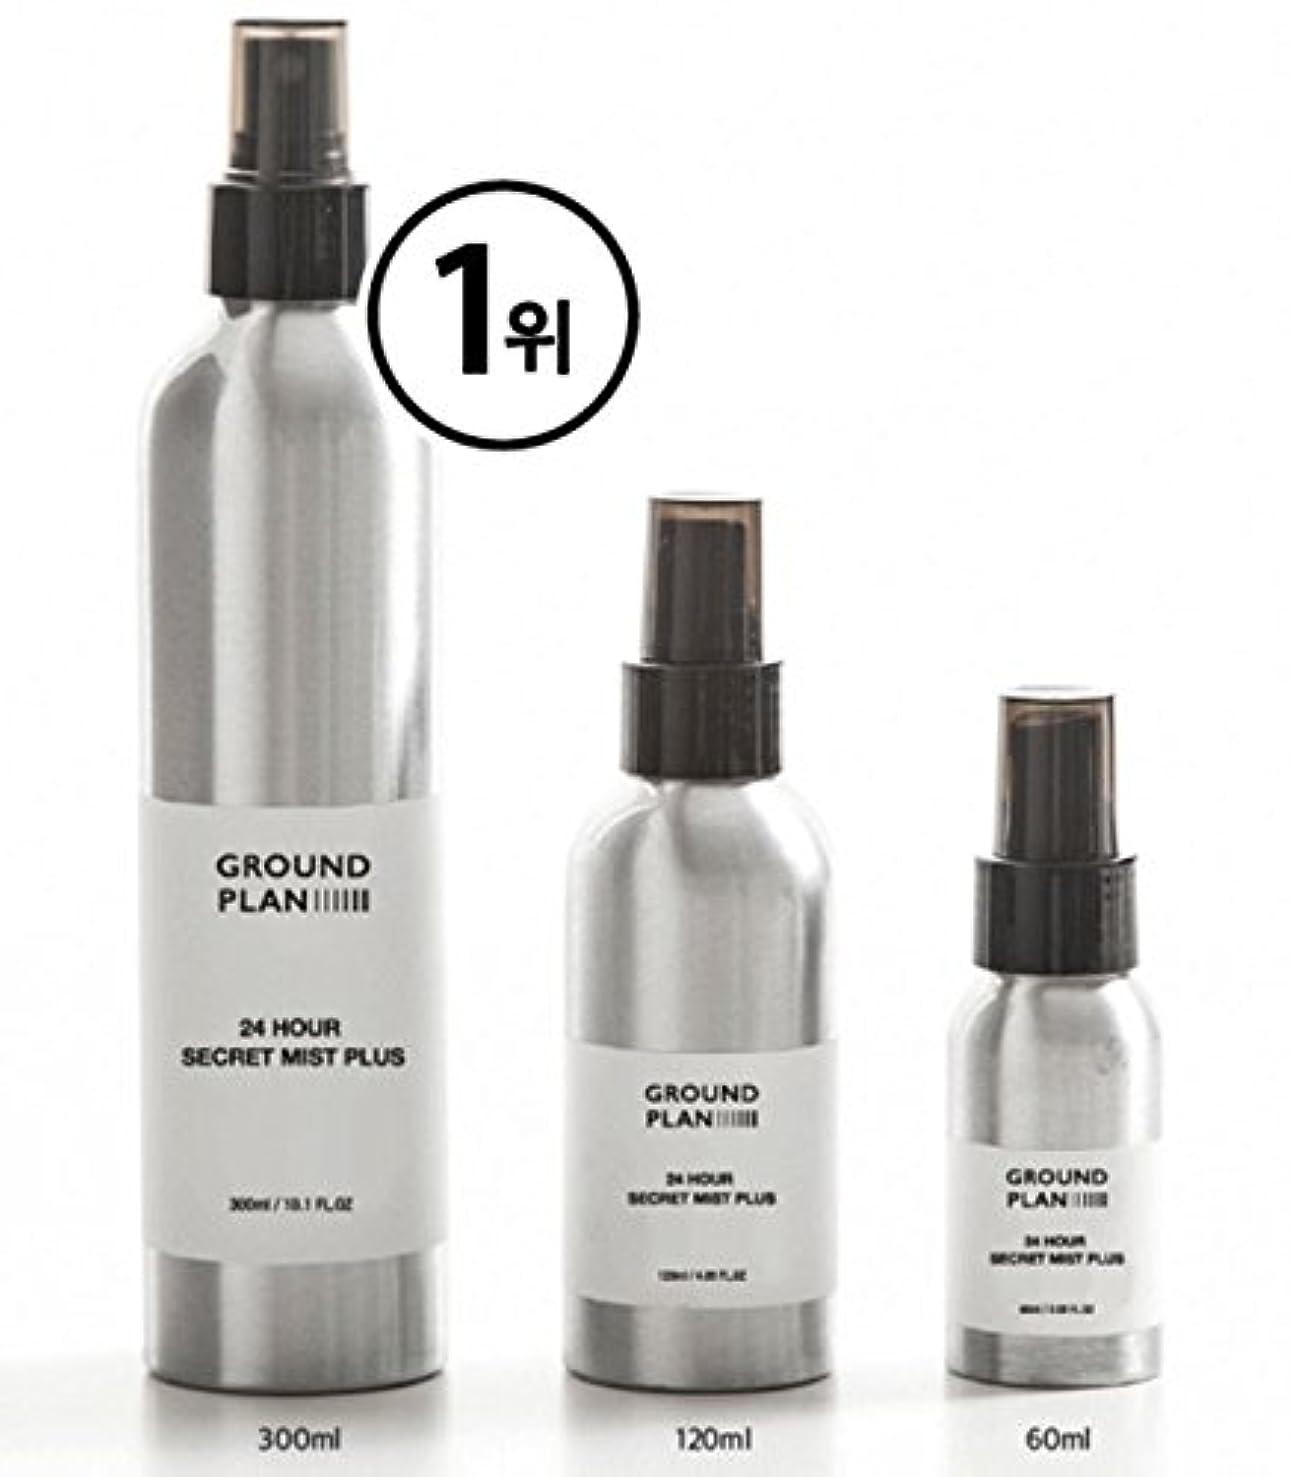 親愛な病的仮装[グラウンド?プラン] 24Hour 秘密 スキンミスト Plus (120ml) (300ml) Ground plan 24 Hour Secret Skin Mist Plus [海外直送品] (120ml)